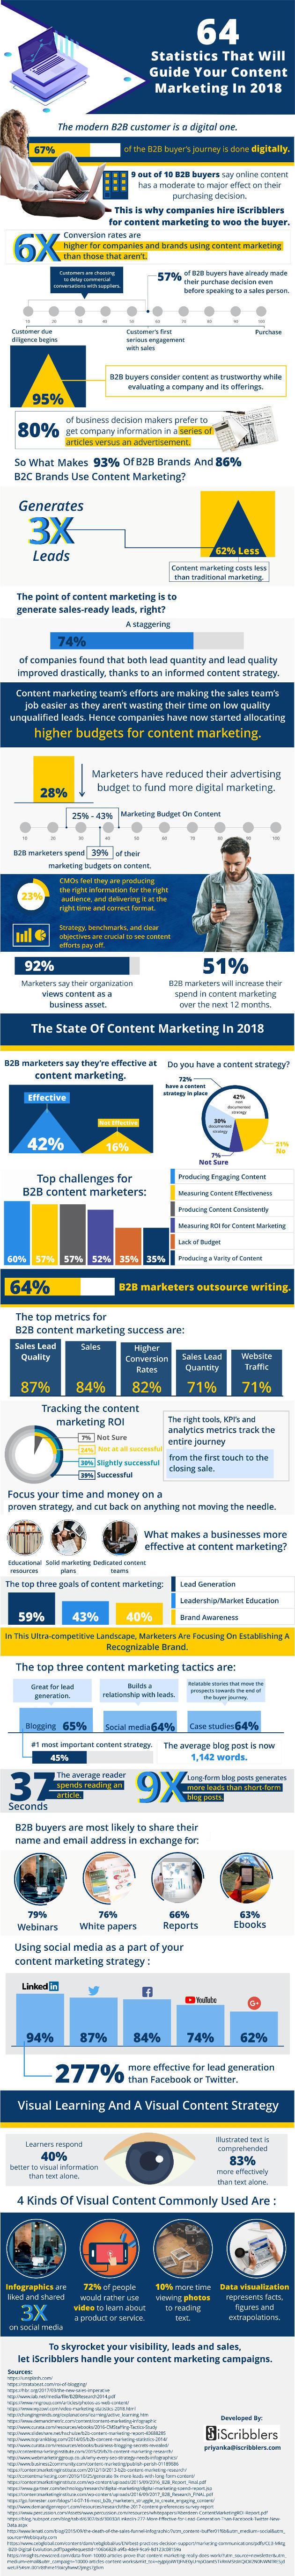 infographie sur les statistiques de content marketing